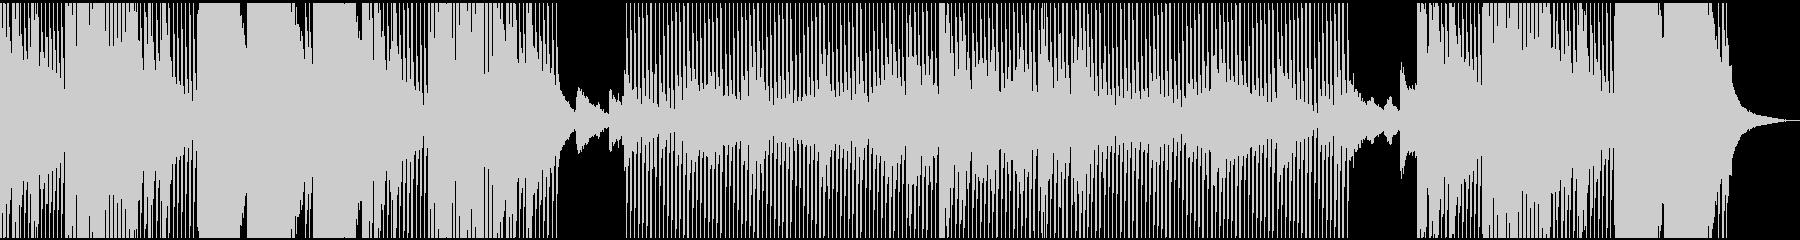 サイケなテクノ(オープニングテーマ)の未再生の波形